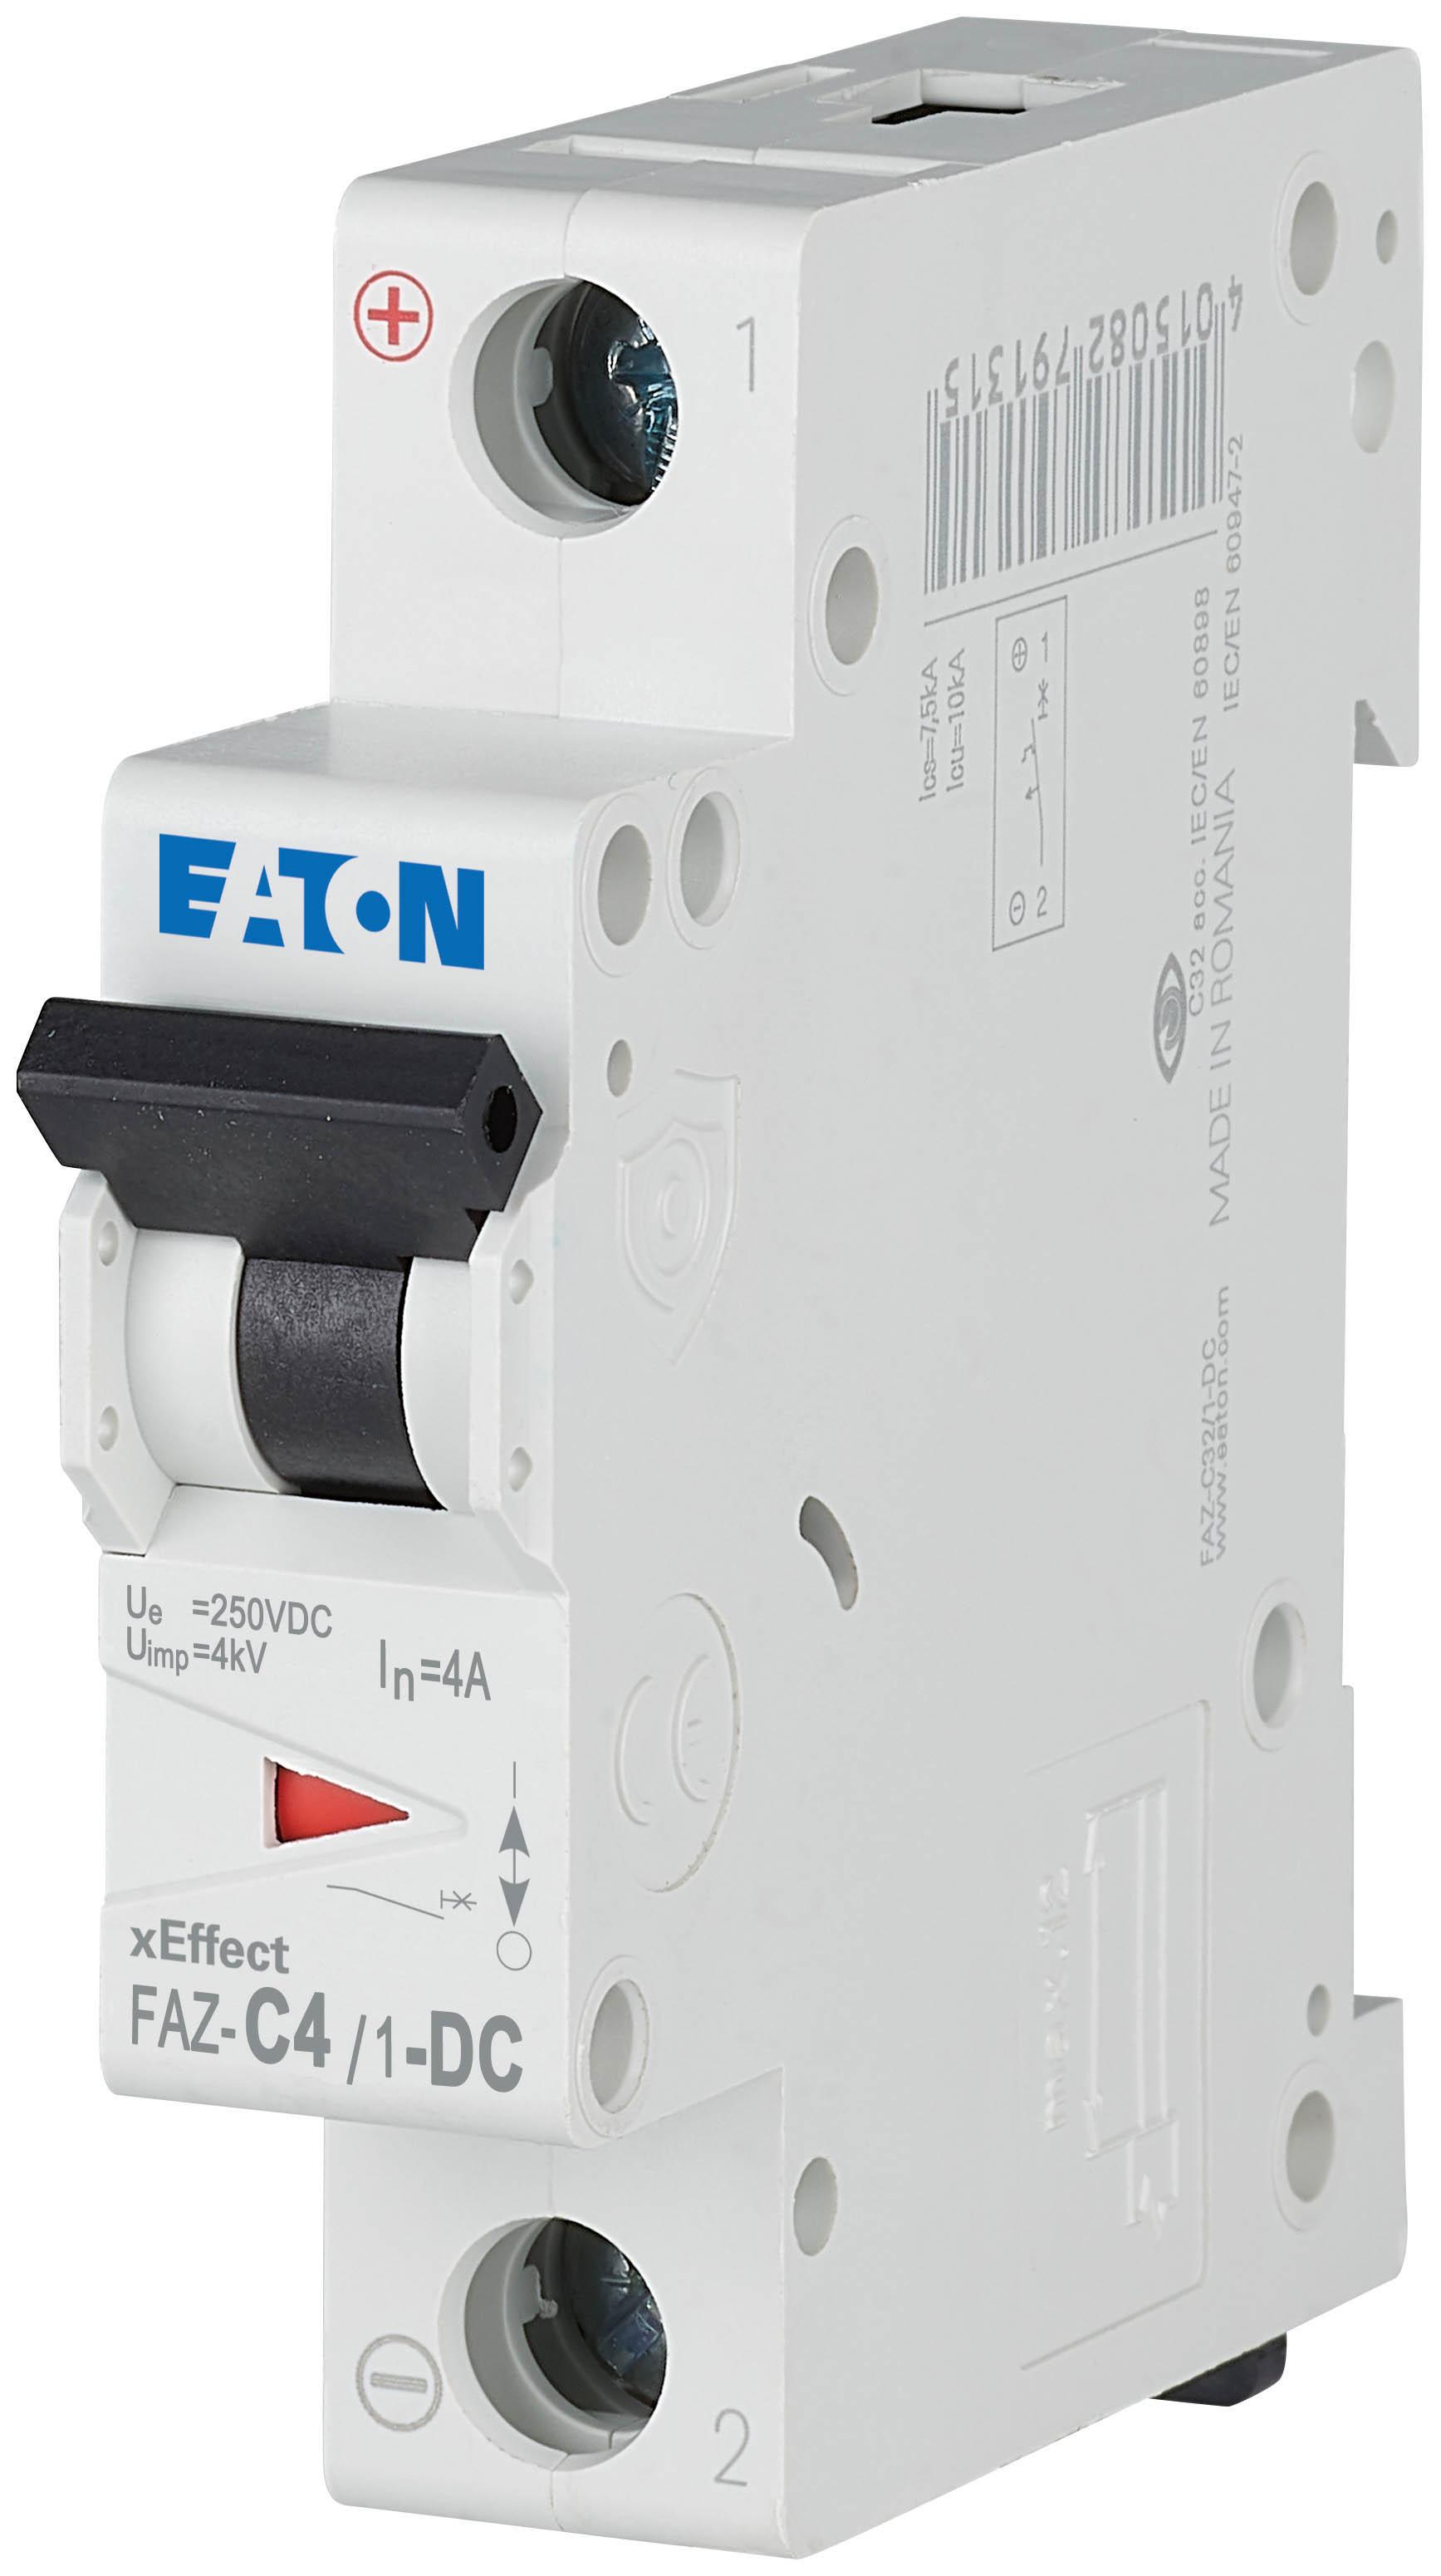 Wyłącznik nadprądowy Eaton serii FAZ